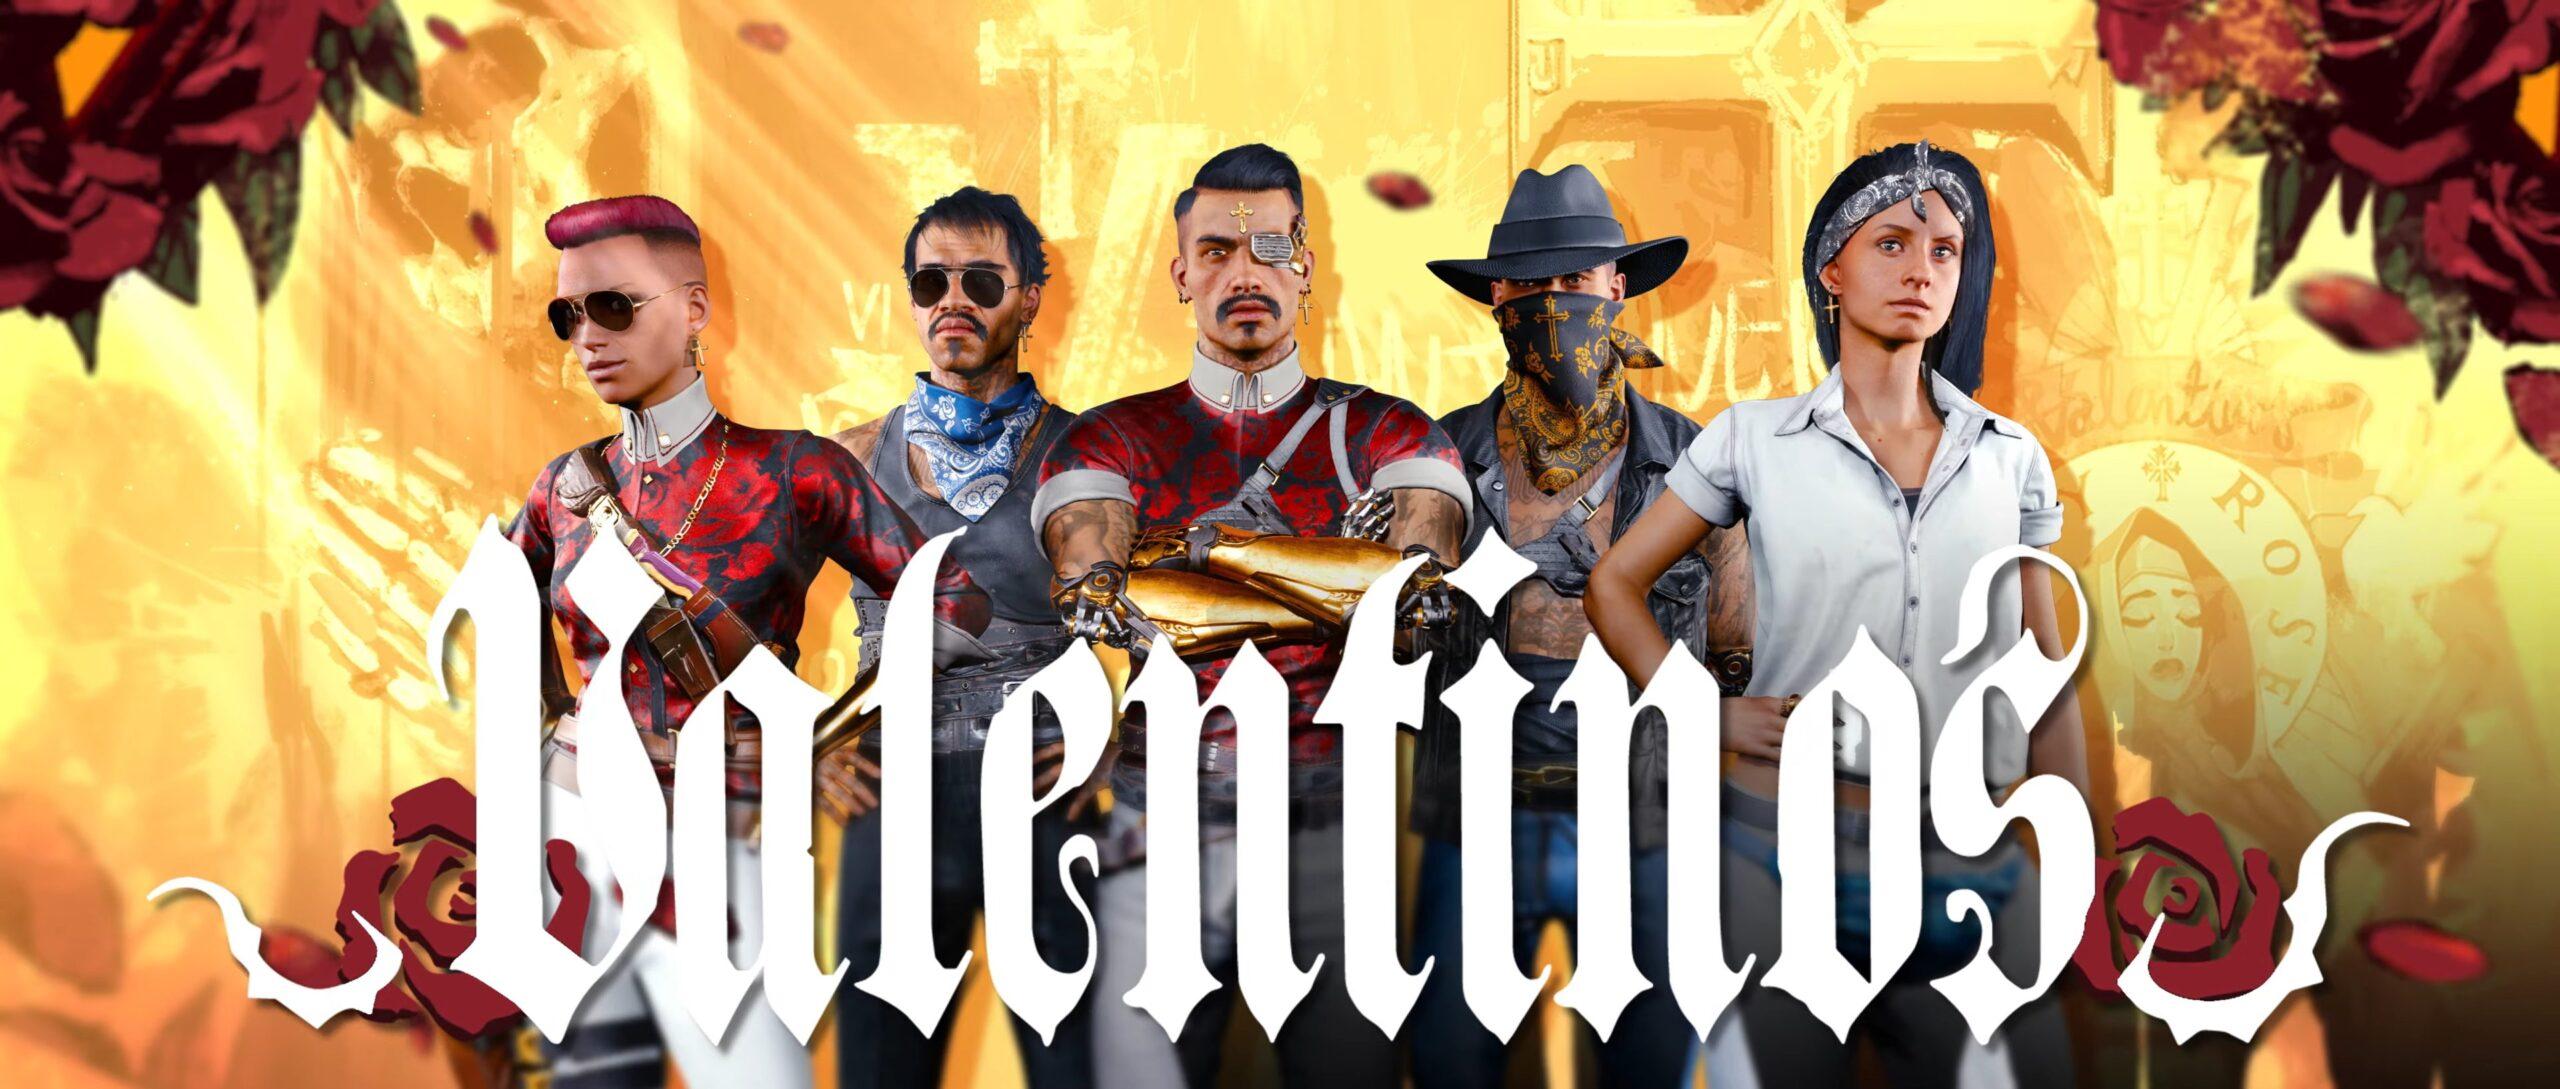 Cyberpunk 2077 — Gangs Of Night City Valentinos